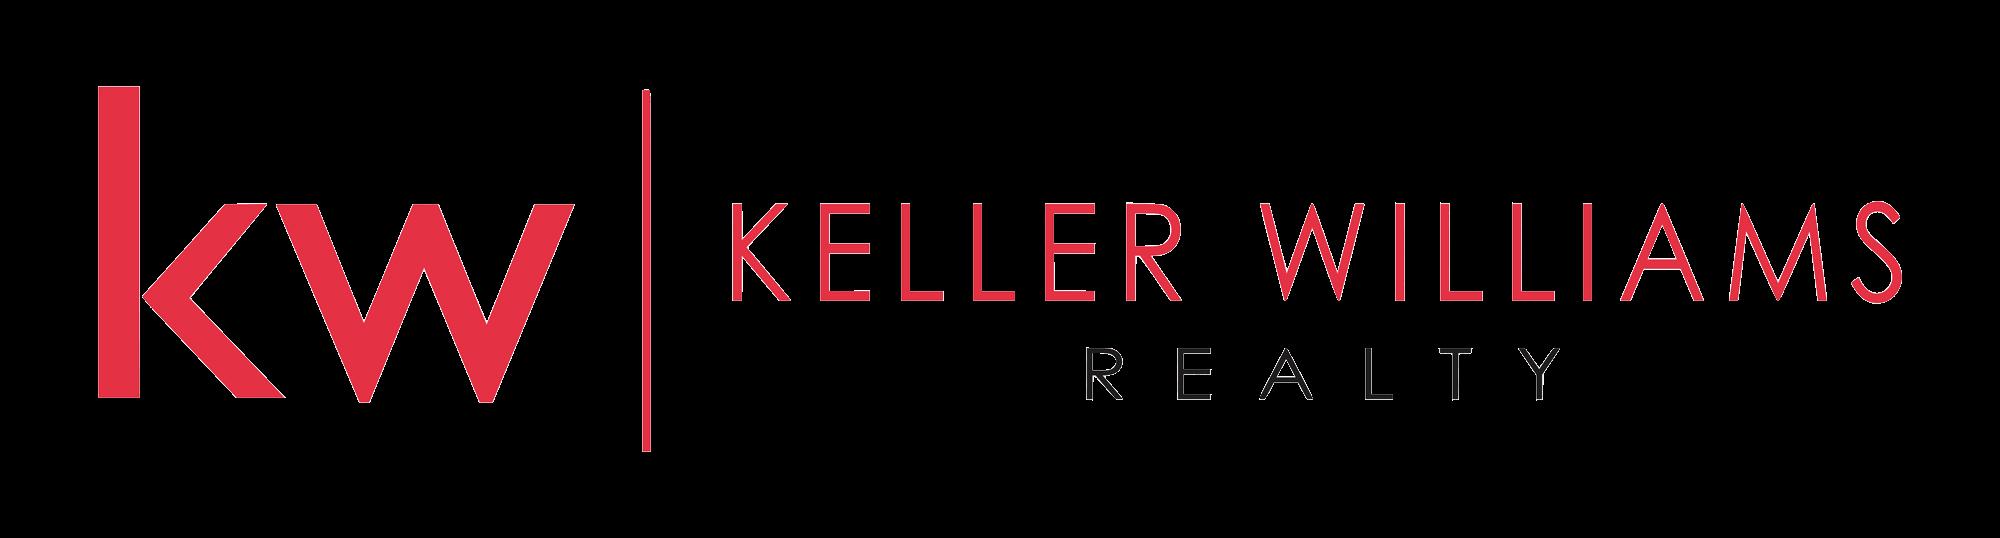 Cheryll McKeon Team Keller Williams Gig Harbor, WA